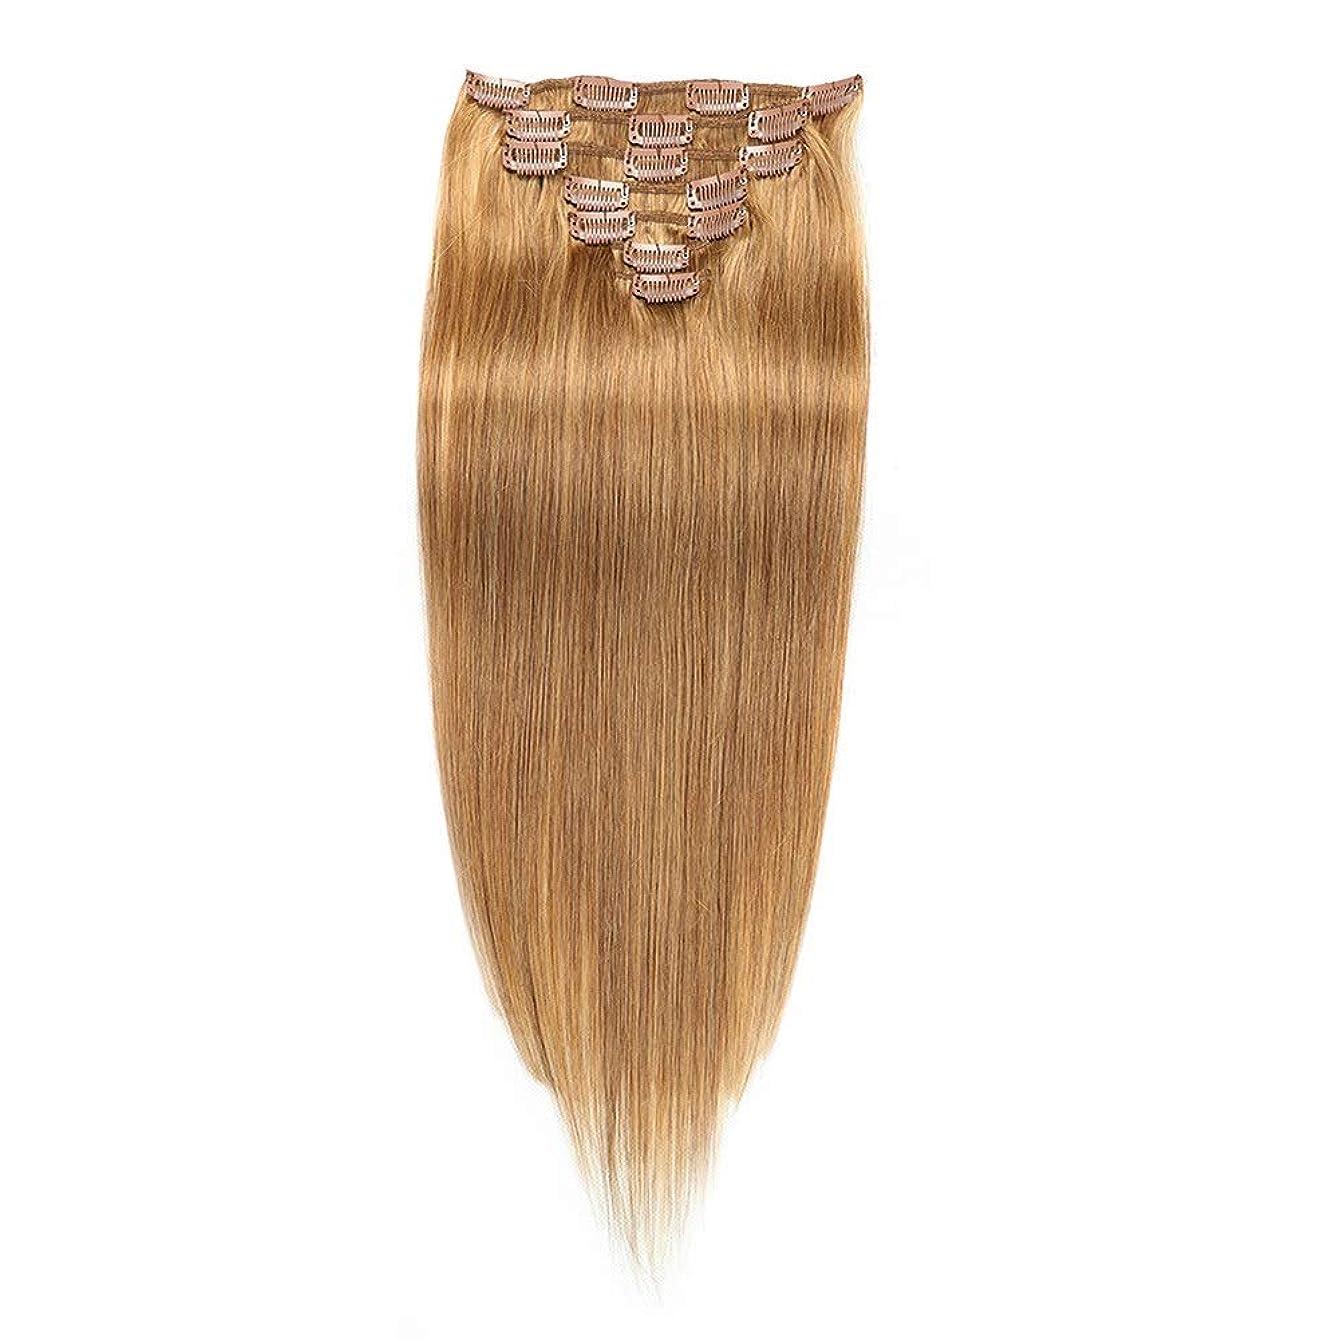 ジャングル抽出遺体安置所HOHYLLYA 7個金髪人毛エクステンションクリップイン - #12明るいブロンドカラーストレートヘア22インチナチュラルルッキングロールプレッグウィッグレディースナチュラルウィッグ (色 : #12 blonde)